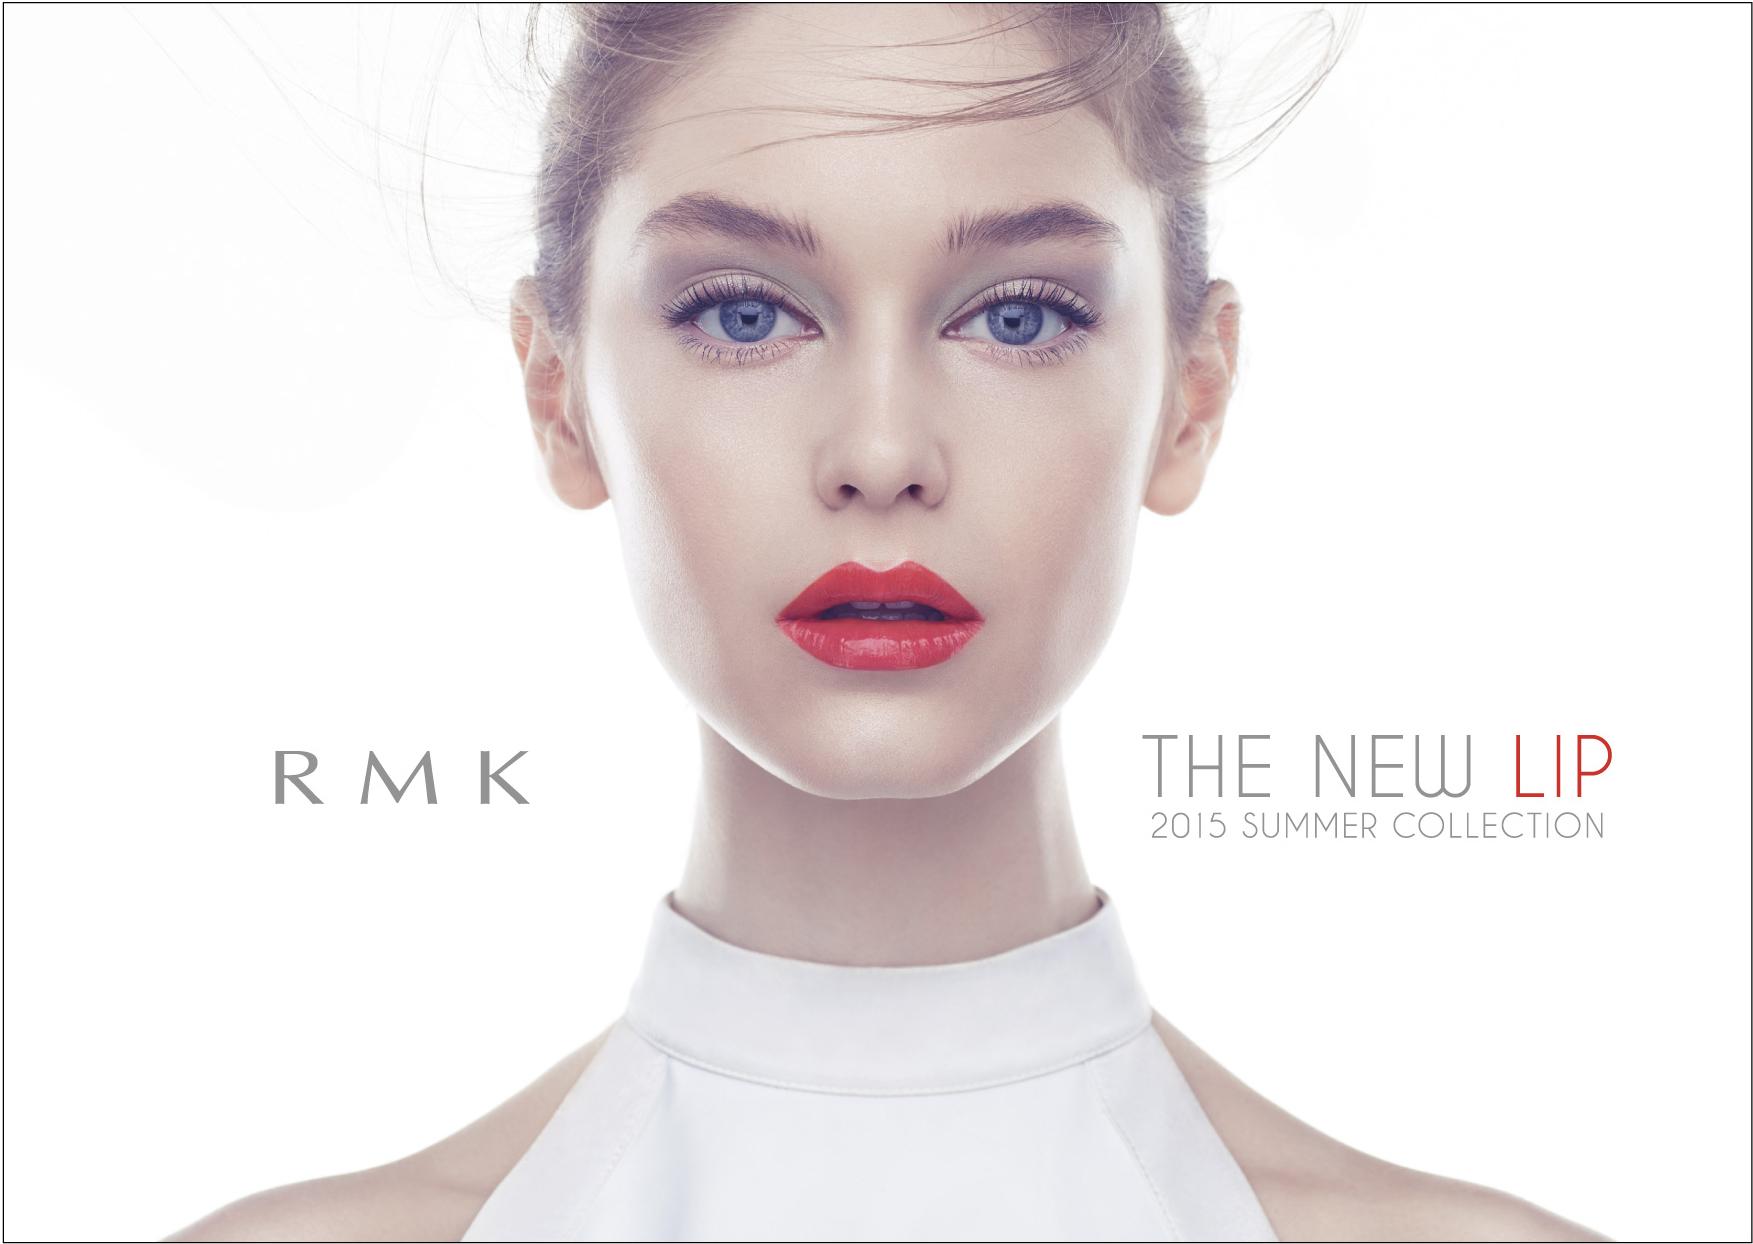 RMKはリップもとっても優秀!これであなたもセクシーな唇に。のサムネイル画像